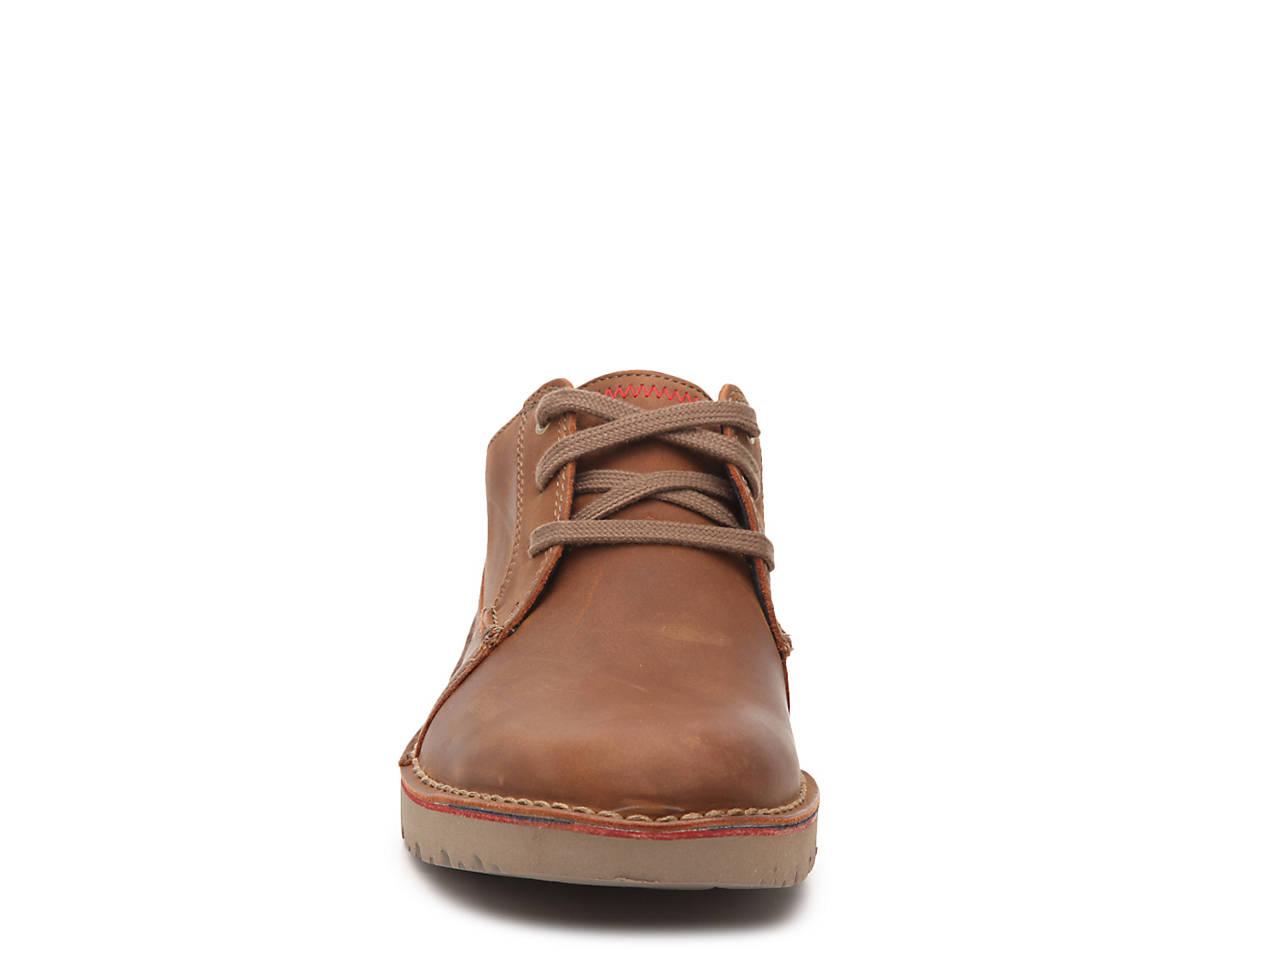 Clarks Vargo Plain Oxford Men's Shoes   DSW